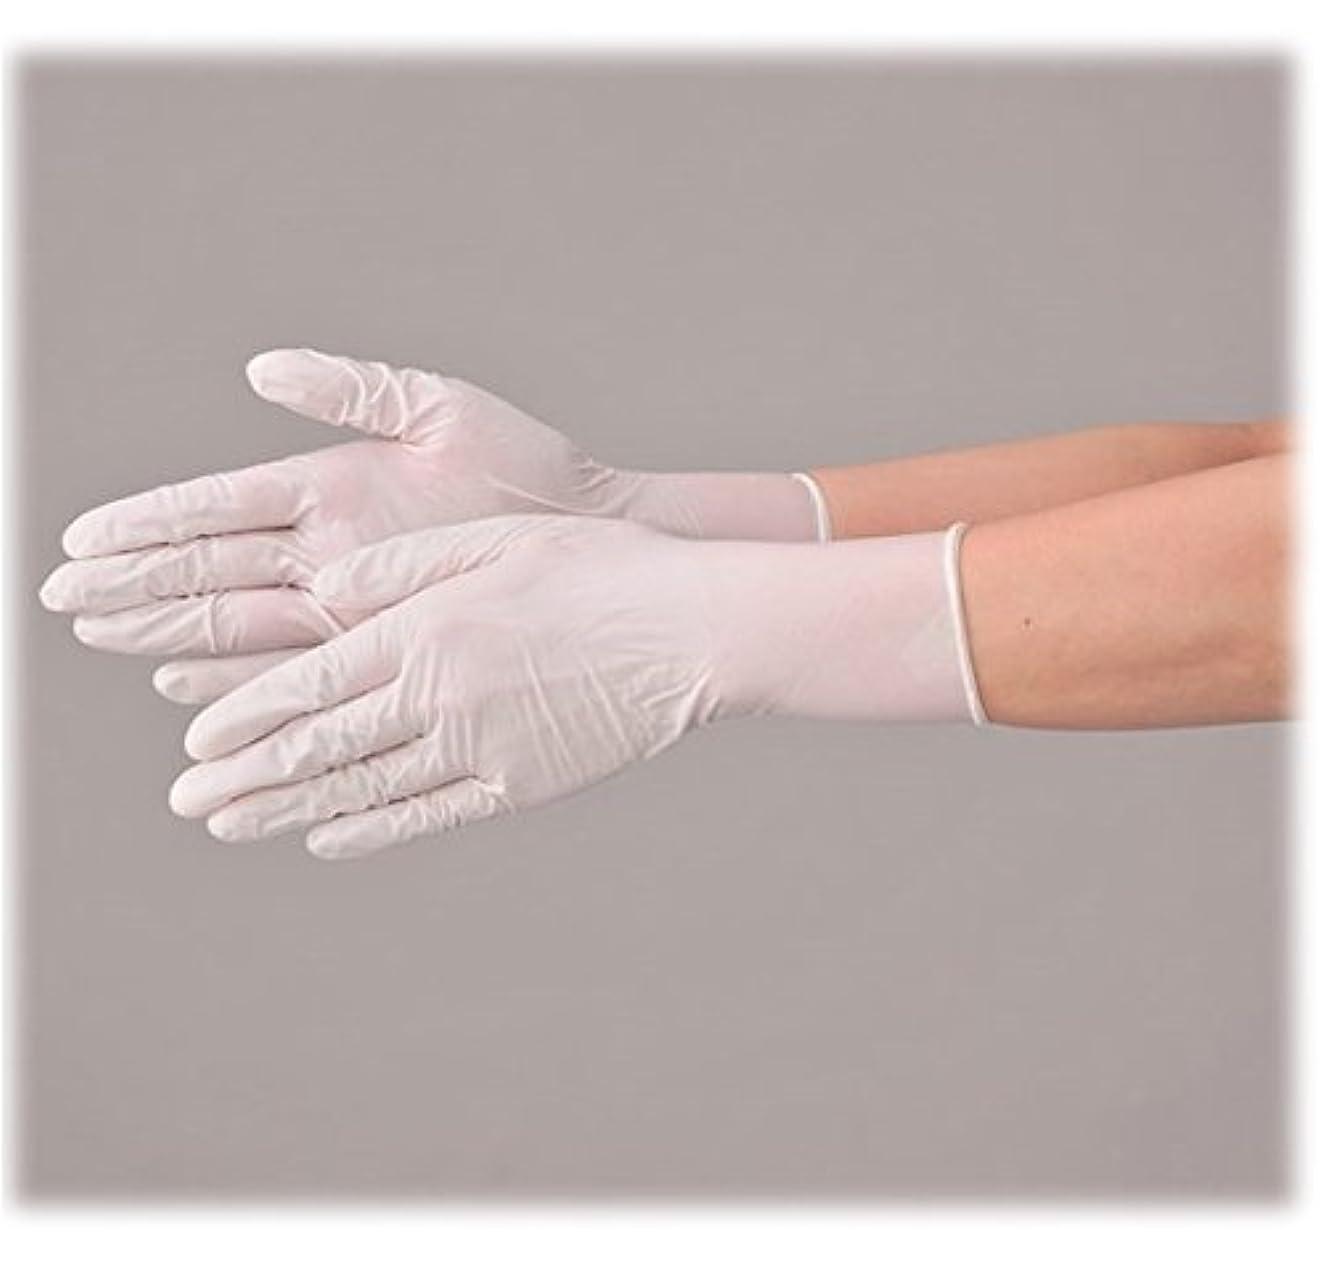 バルコニー楽観的悲観主義者使い捨て 手袋 エブノ 513 ニトリル極薄手袋 ホワイト Mサイズ 2ケース(100枚×40箱)